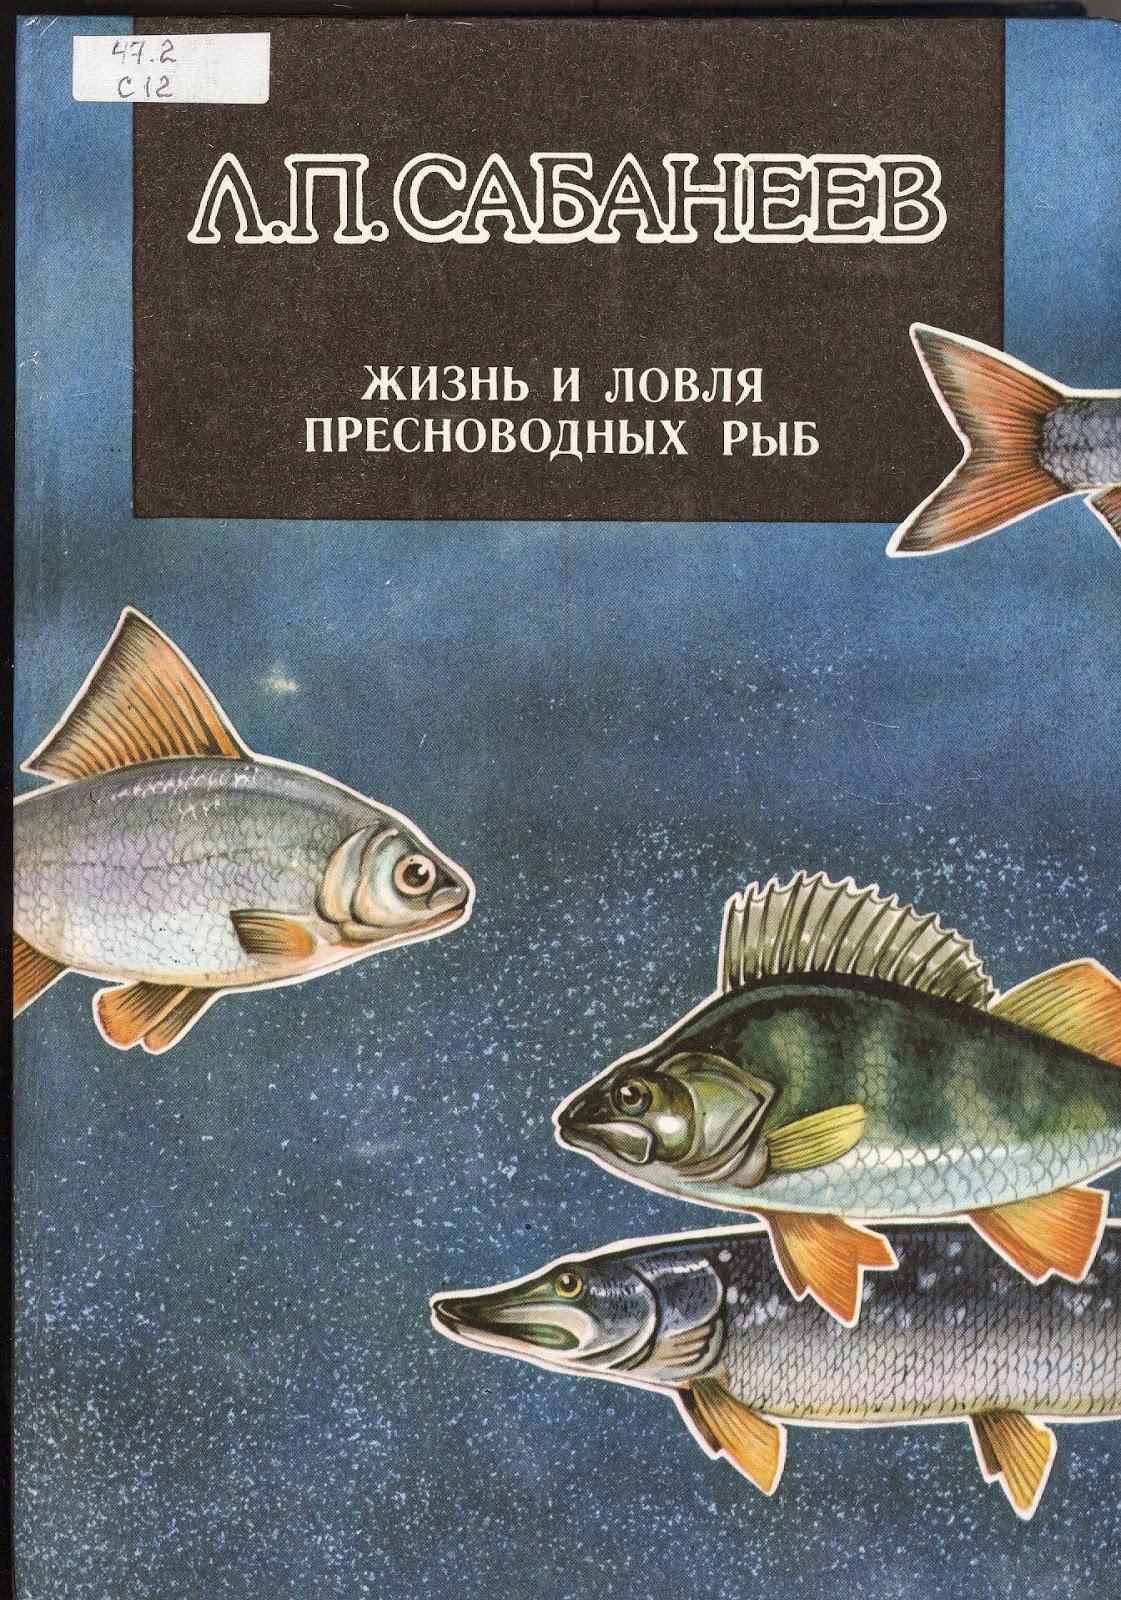 Принимал участие в разработке устава русского охотничьего клуба г вклад сабанеева в науку огромен